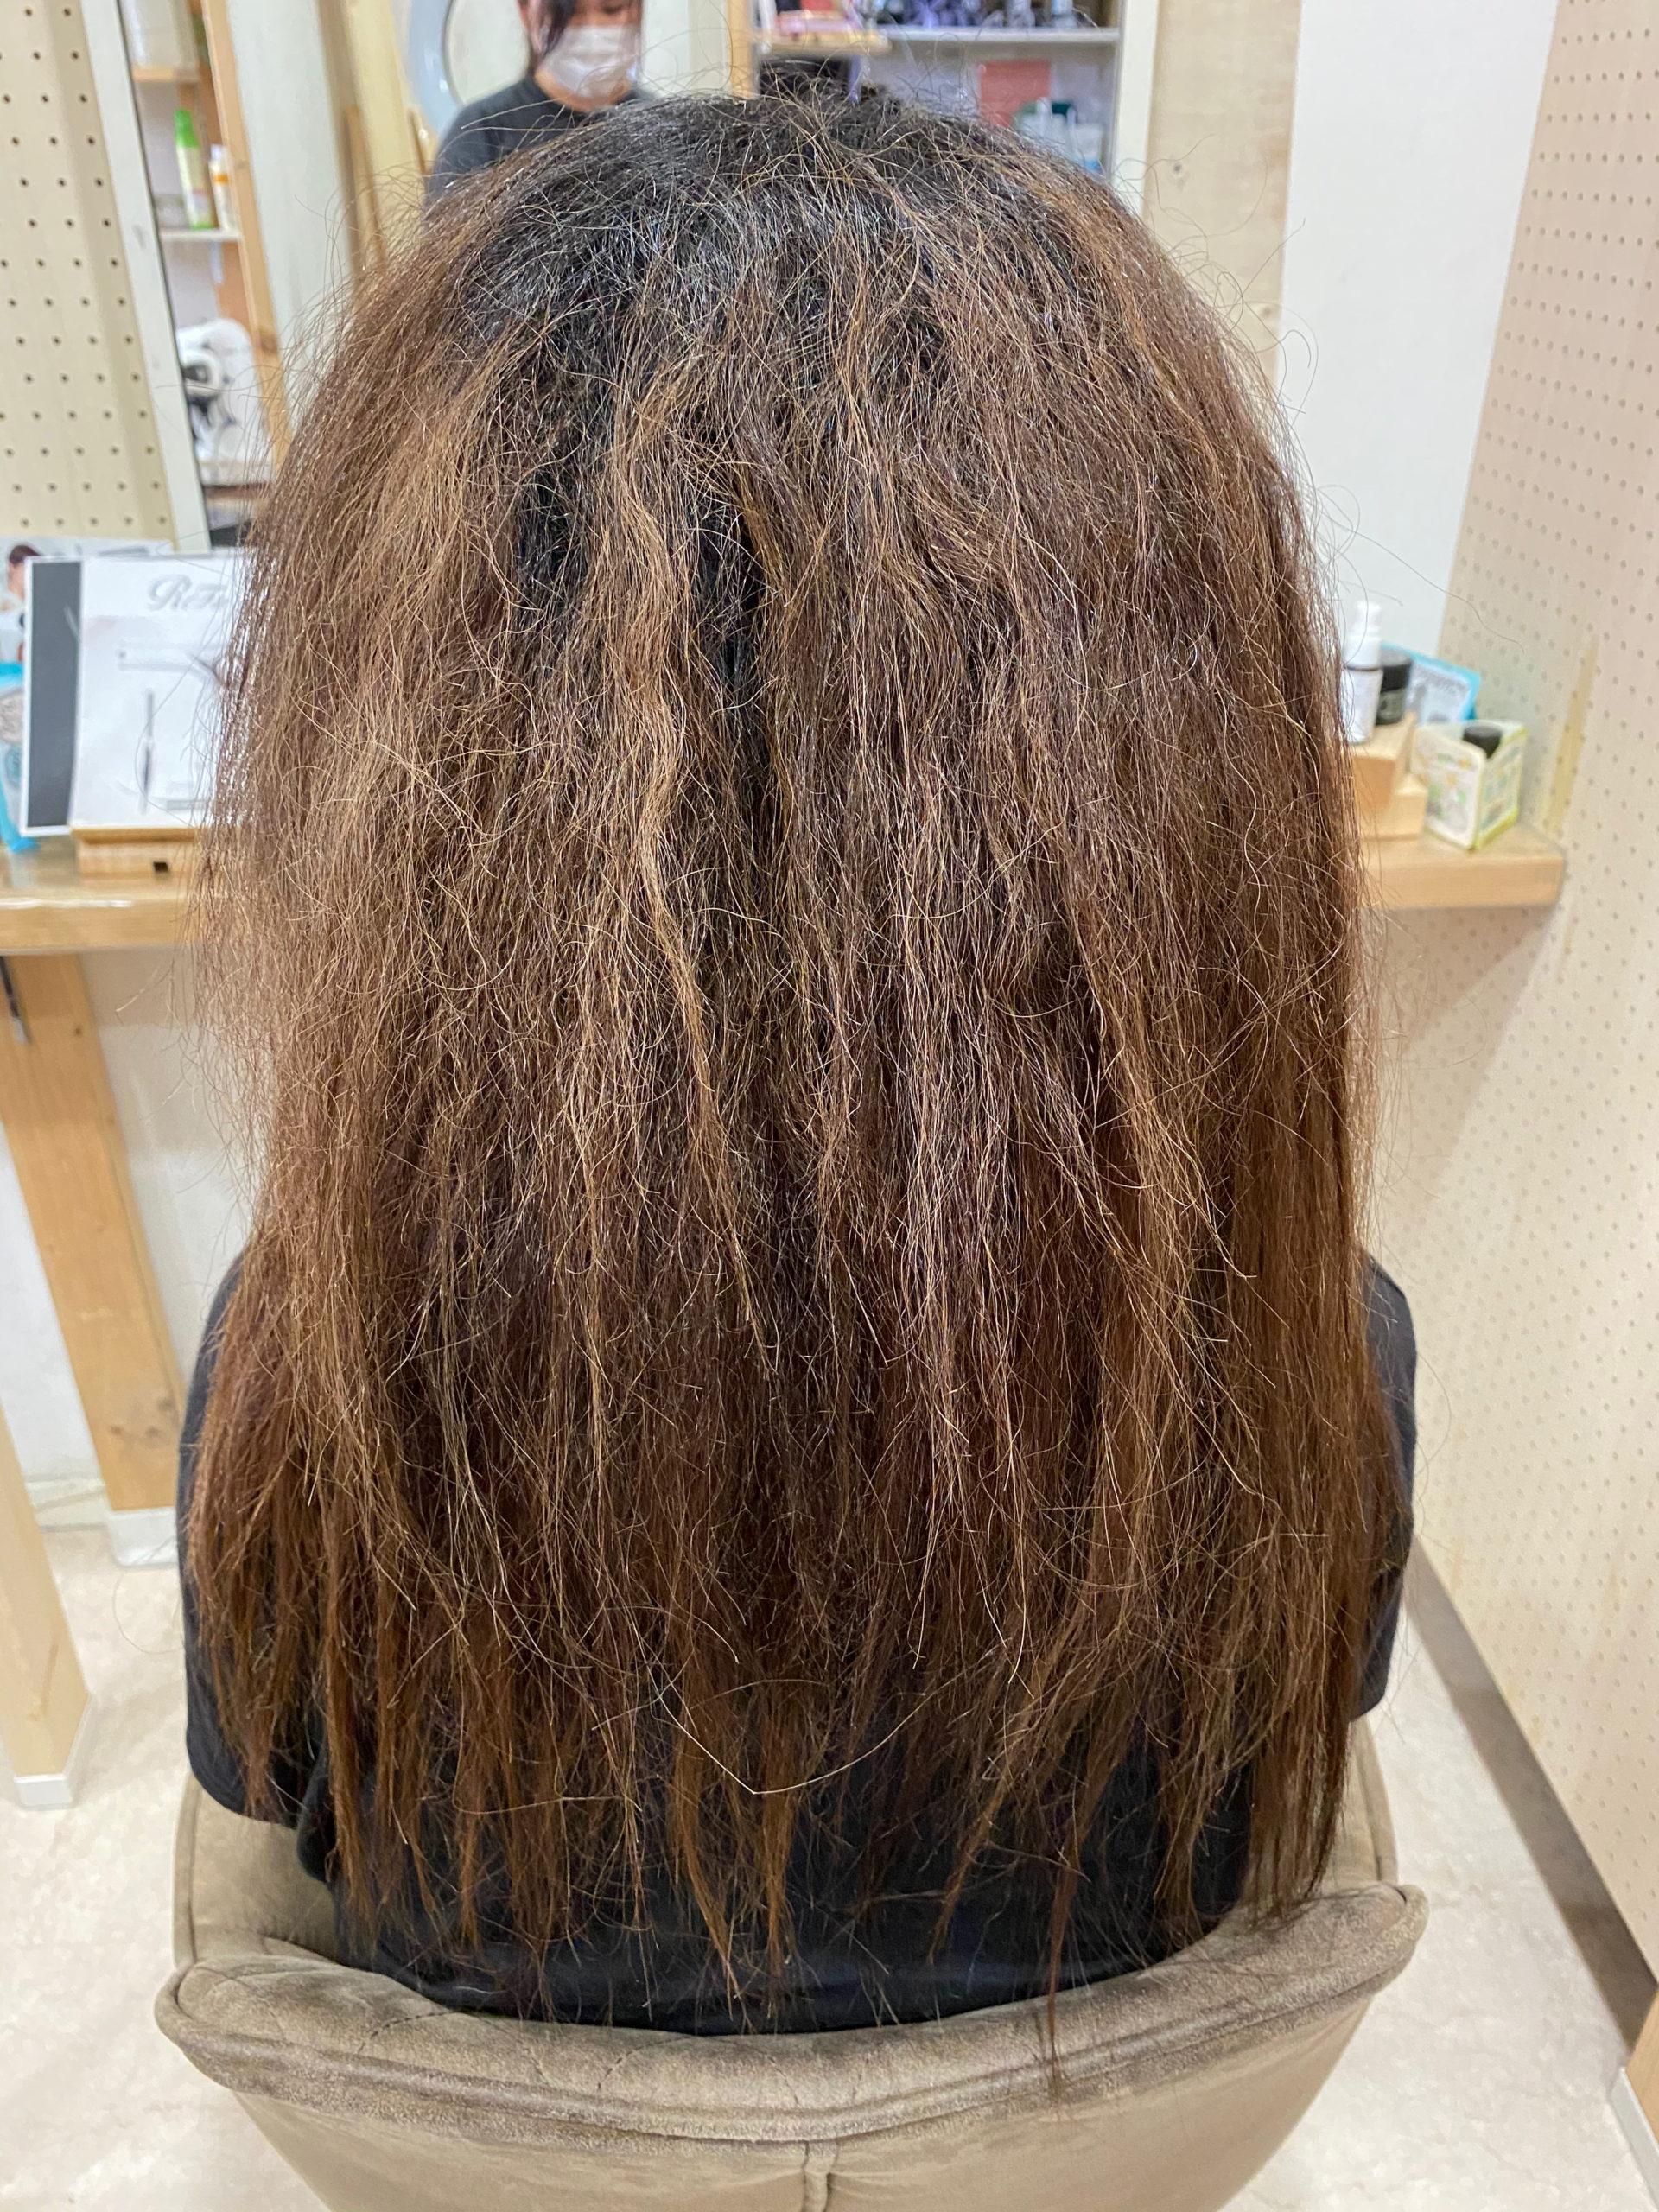 髪のチリつきを直す【ビビリ矯正】で艶髪ストレートヘア。原宿・表参道『髪のお悩みを解決するヘアケア美容師の挑戦』